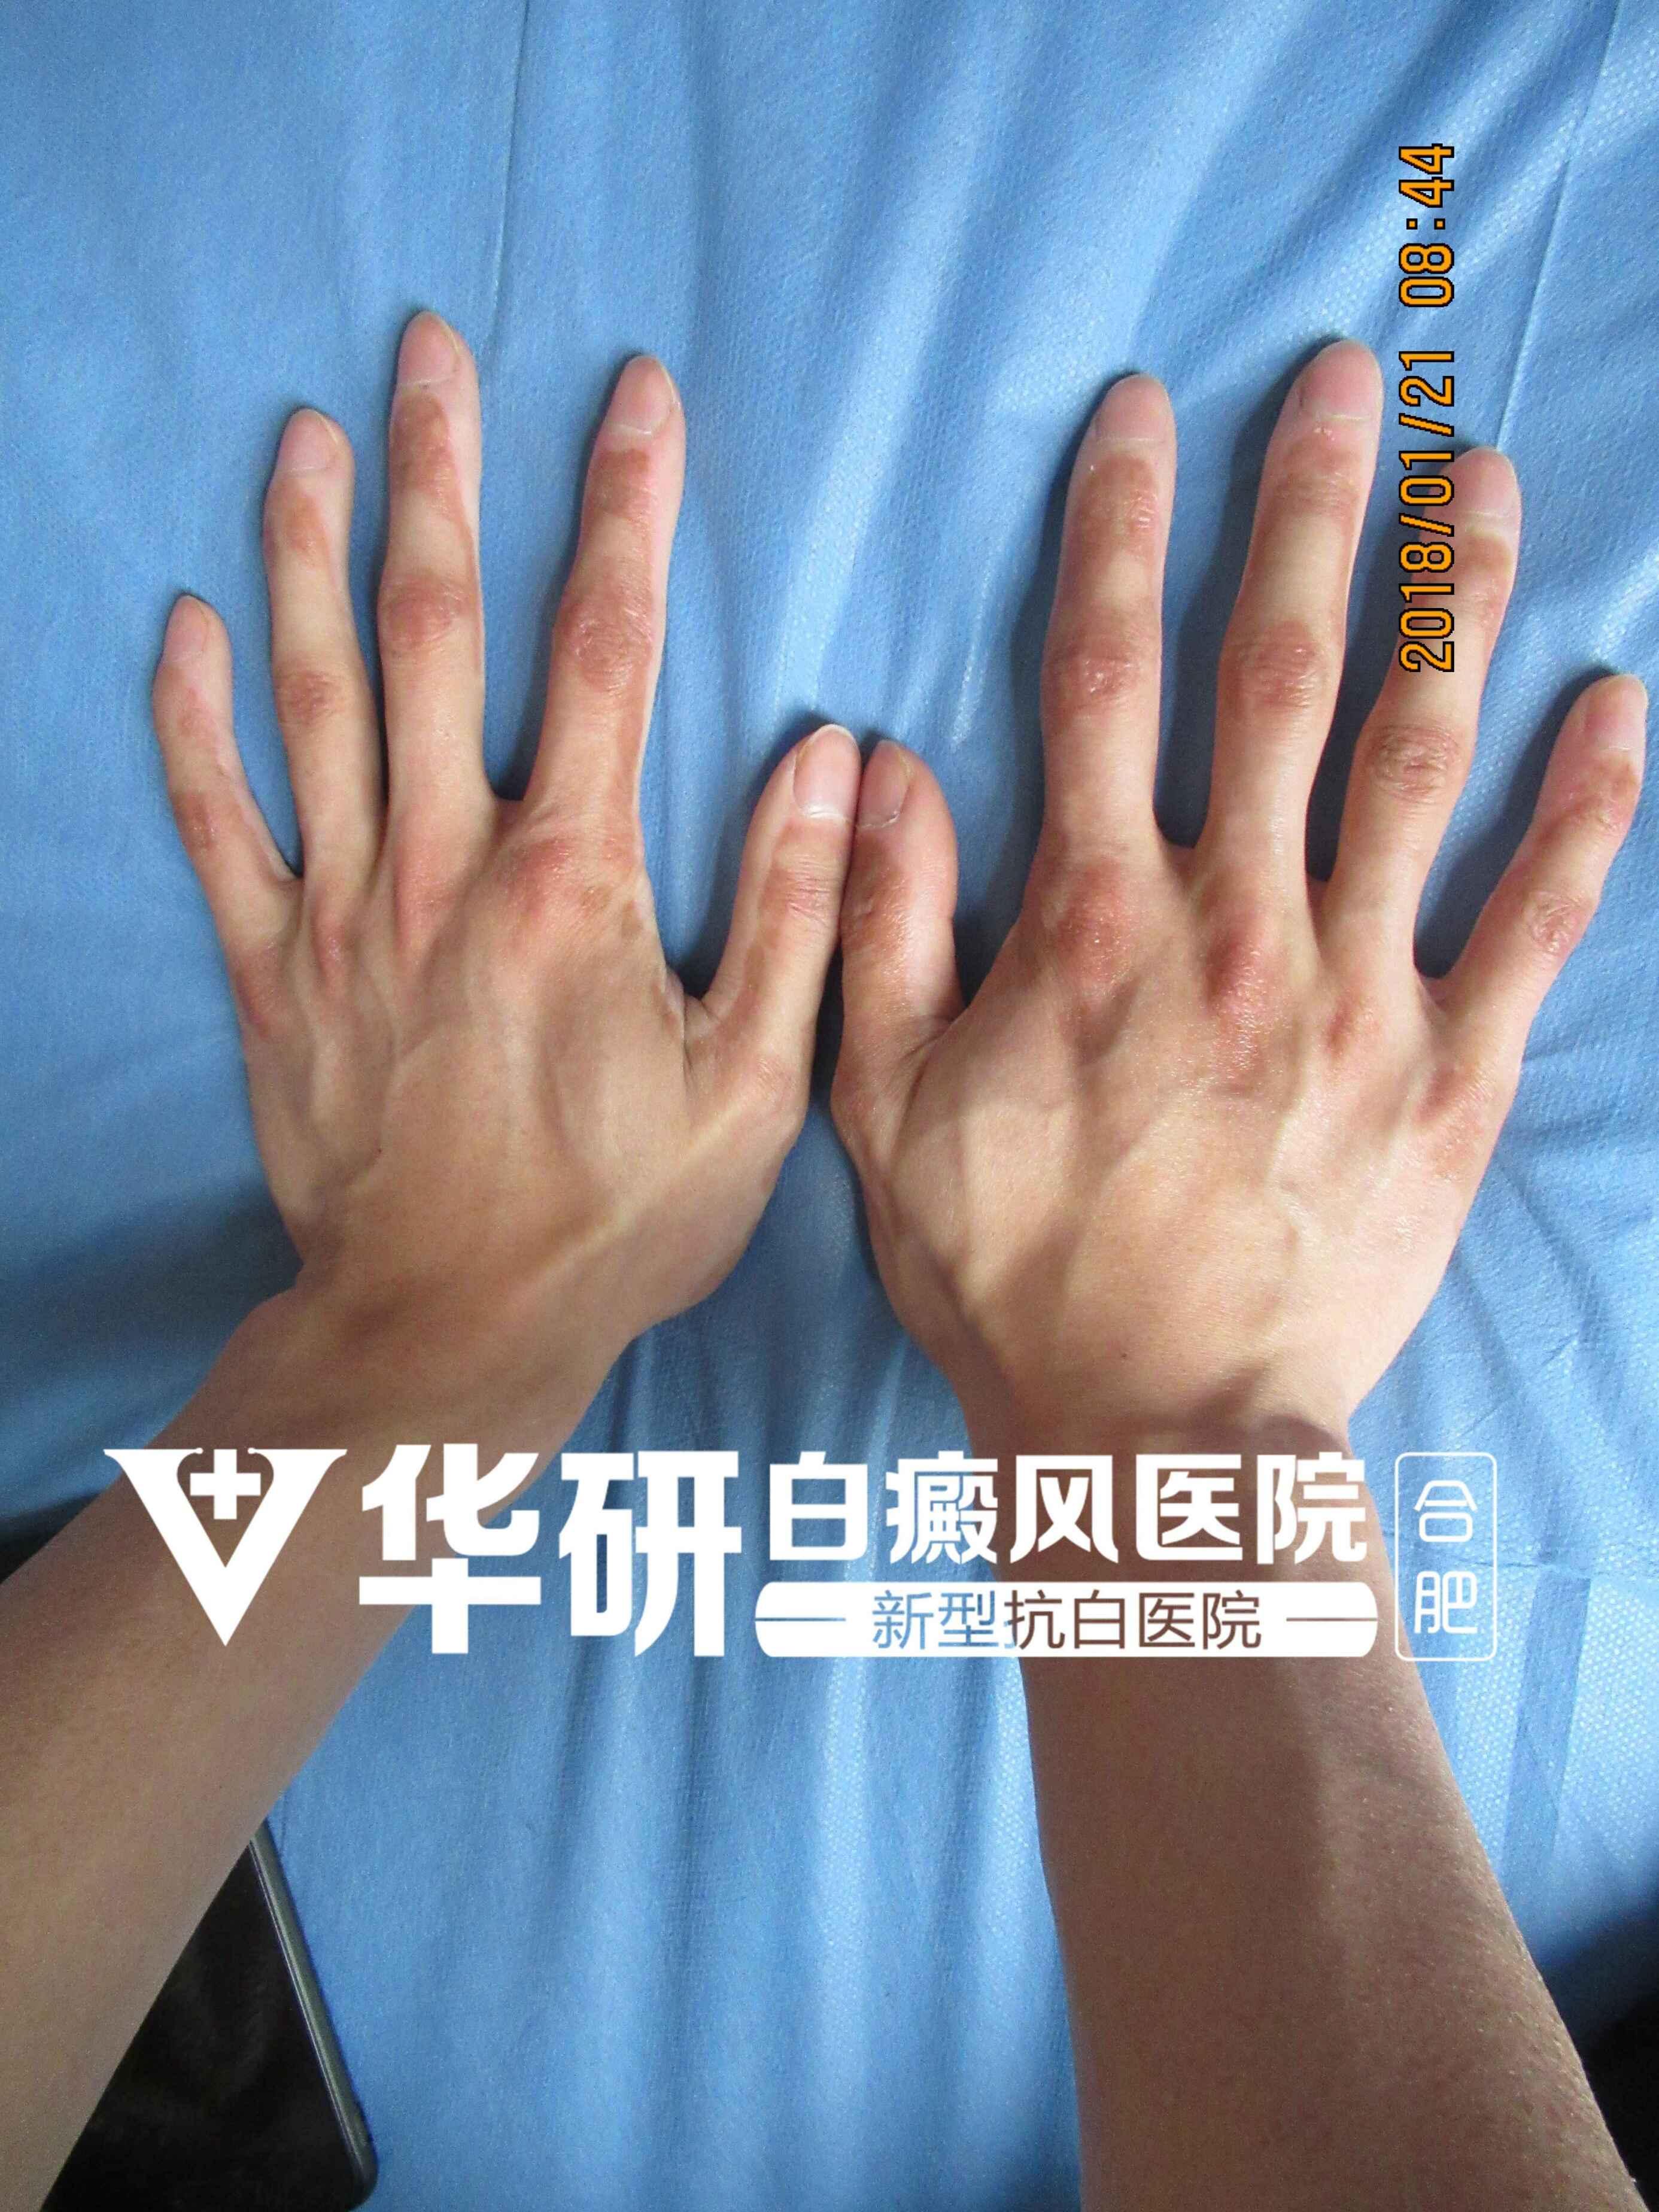 亳州白癜风医院讲解手部白癜风有哪些危害?